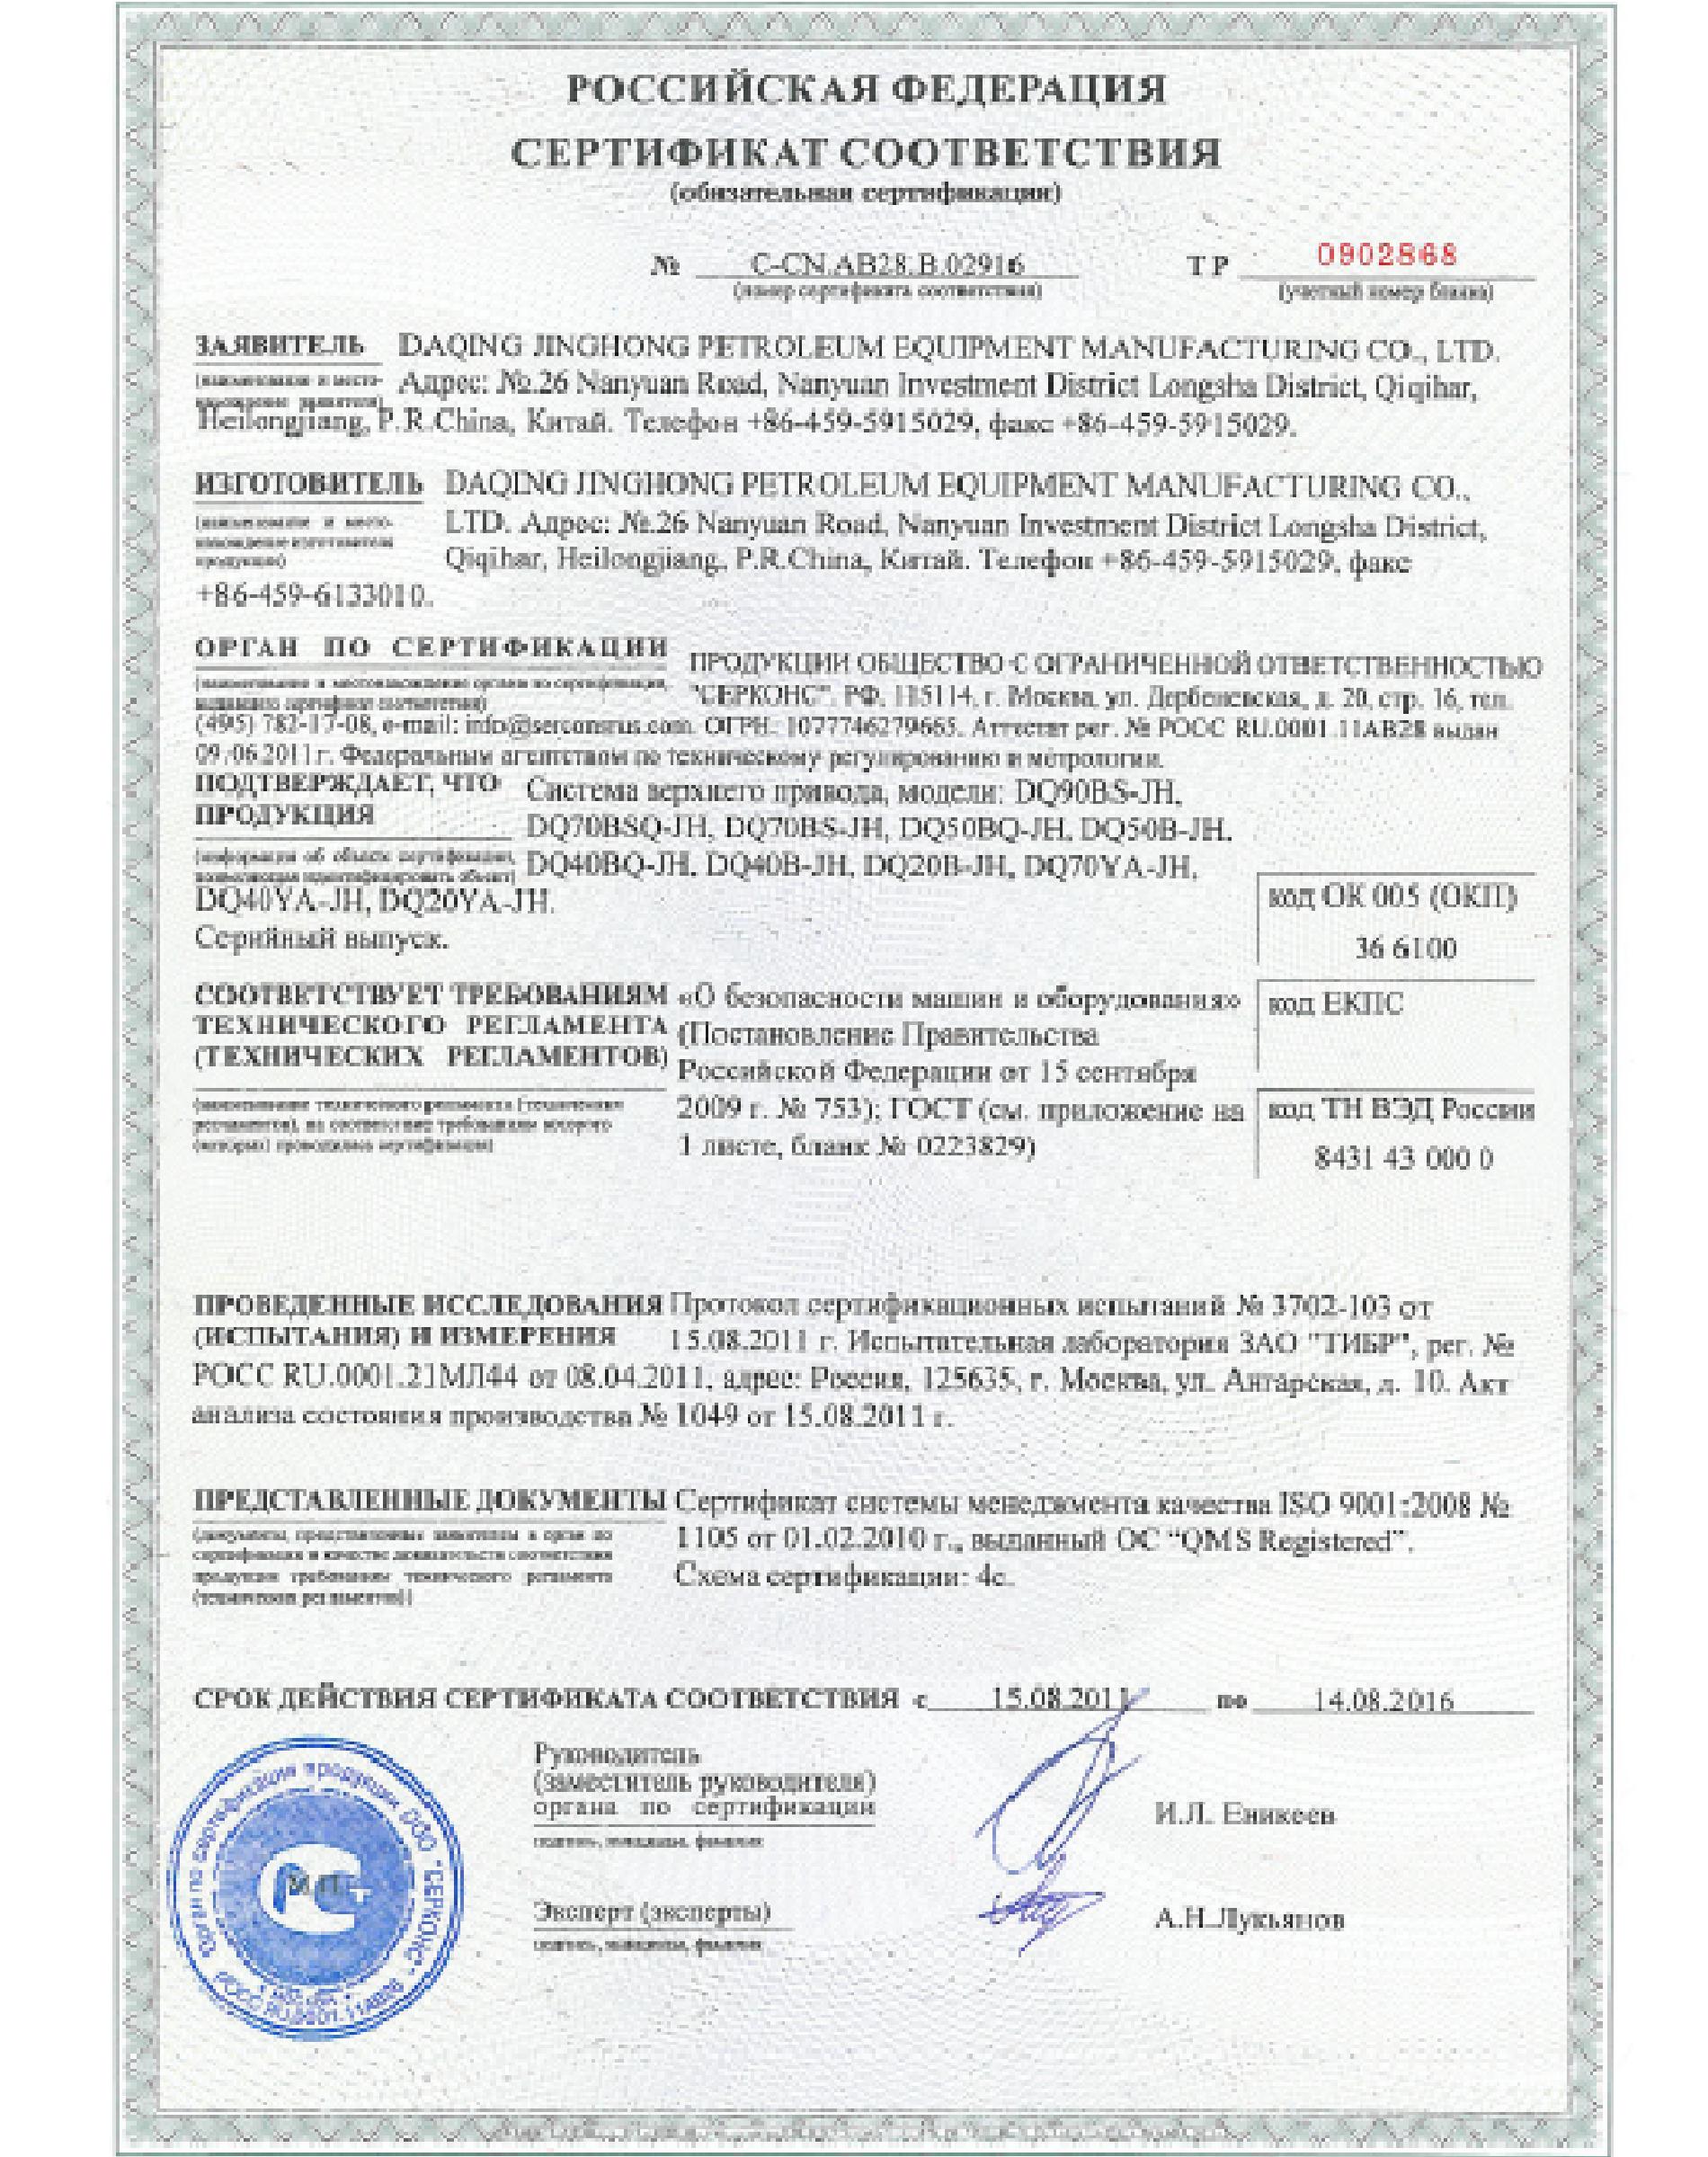 Разрешение ростехнадзора на применение теплообменников Кожухотрубный теплообменник Alfa Laval ViscoLine VLC37x18/168-3,0 Кемерово